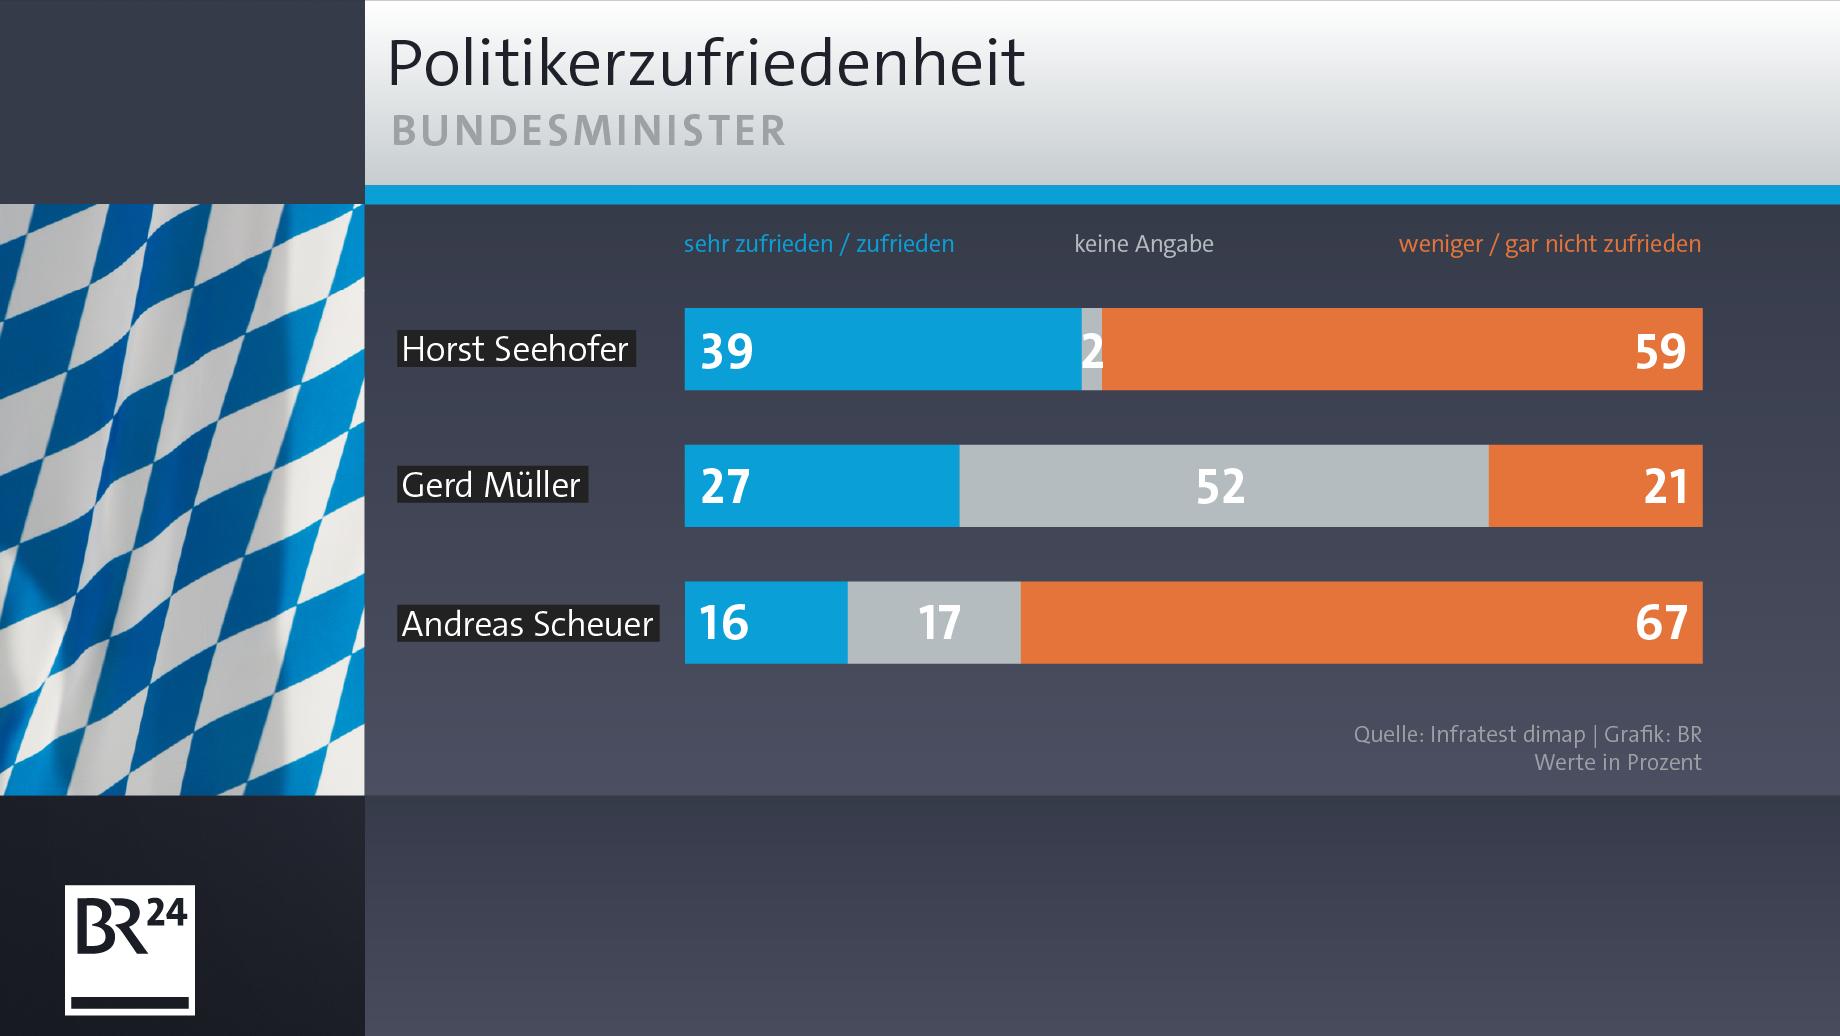 BR-BayernTrend: Die Zufriedenheit mit den CSU-Bundesministern